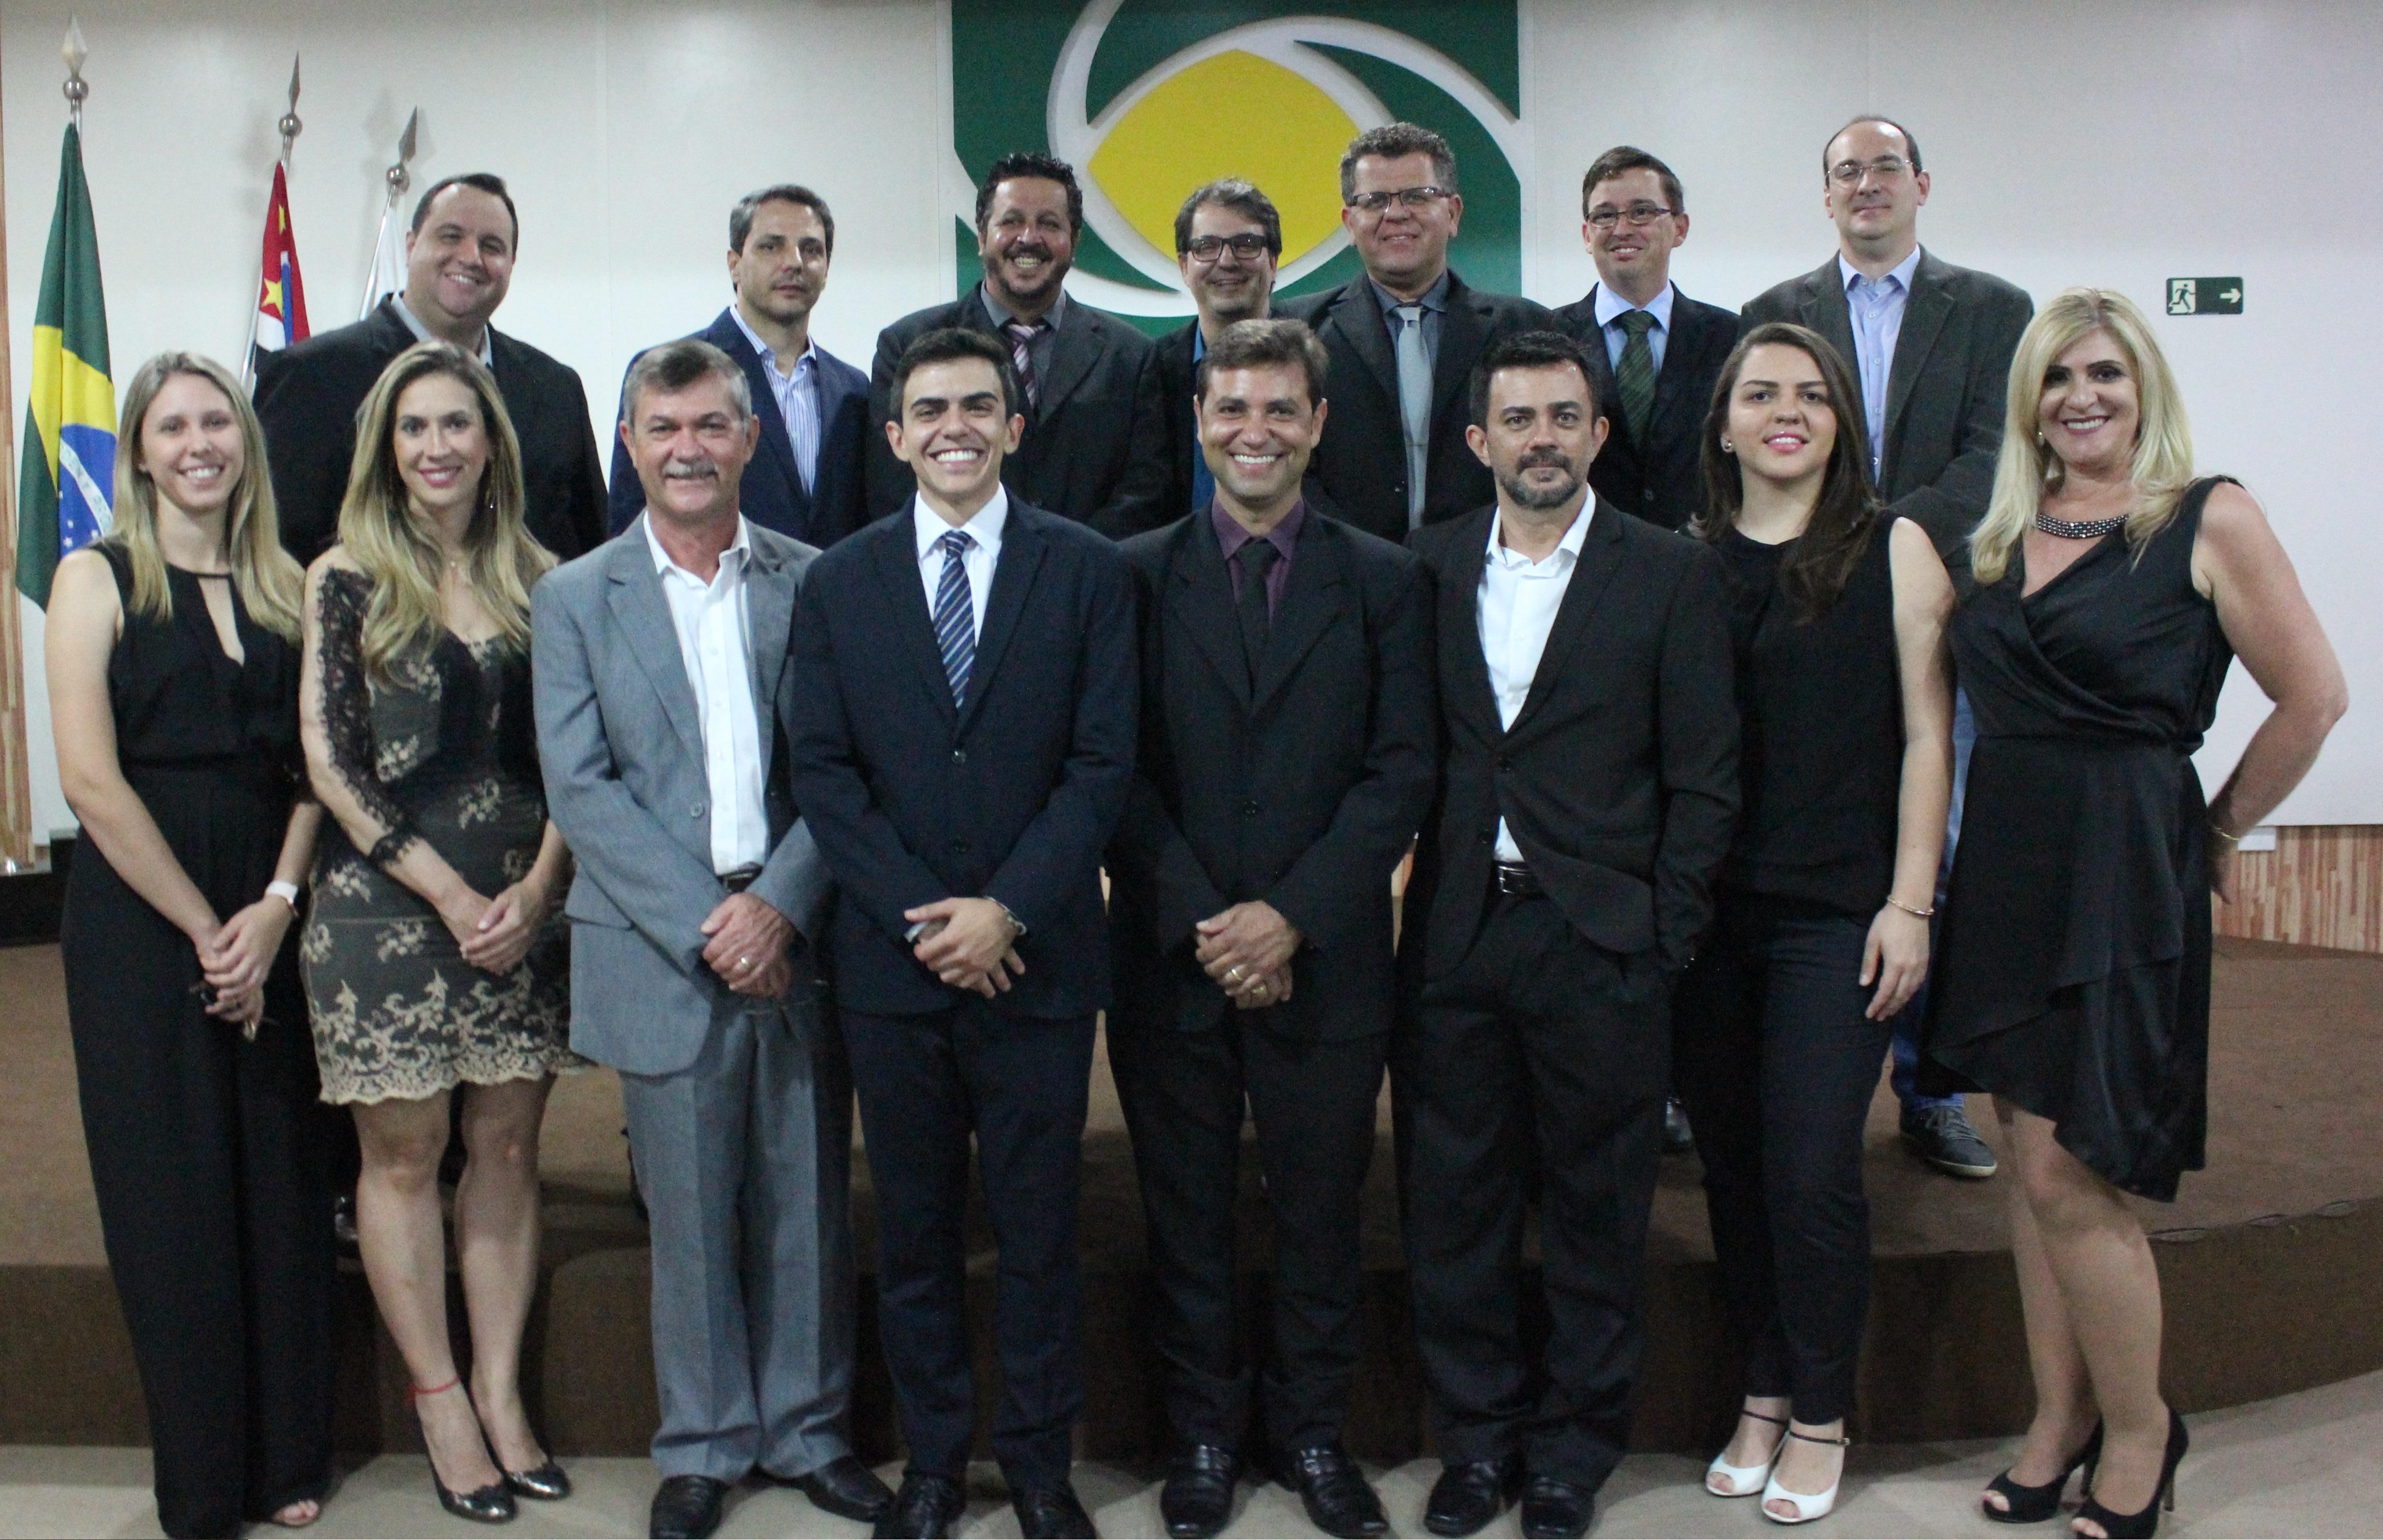 674ee2e7c7415 ACE-Matão realizou neste dia 16 a cerimônia de posse da nova diretoria  eleita para o biênio 2018 2019. A Associação Comercial ...